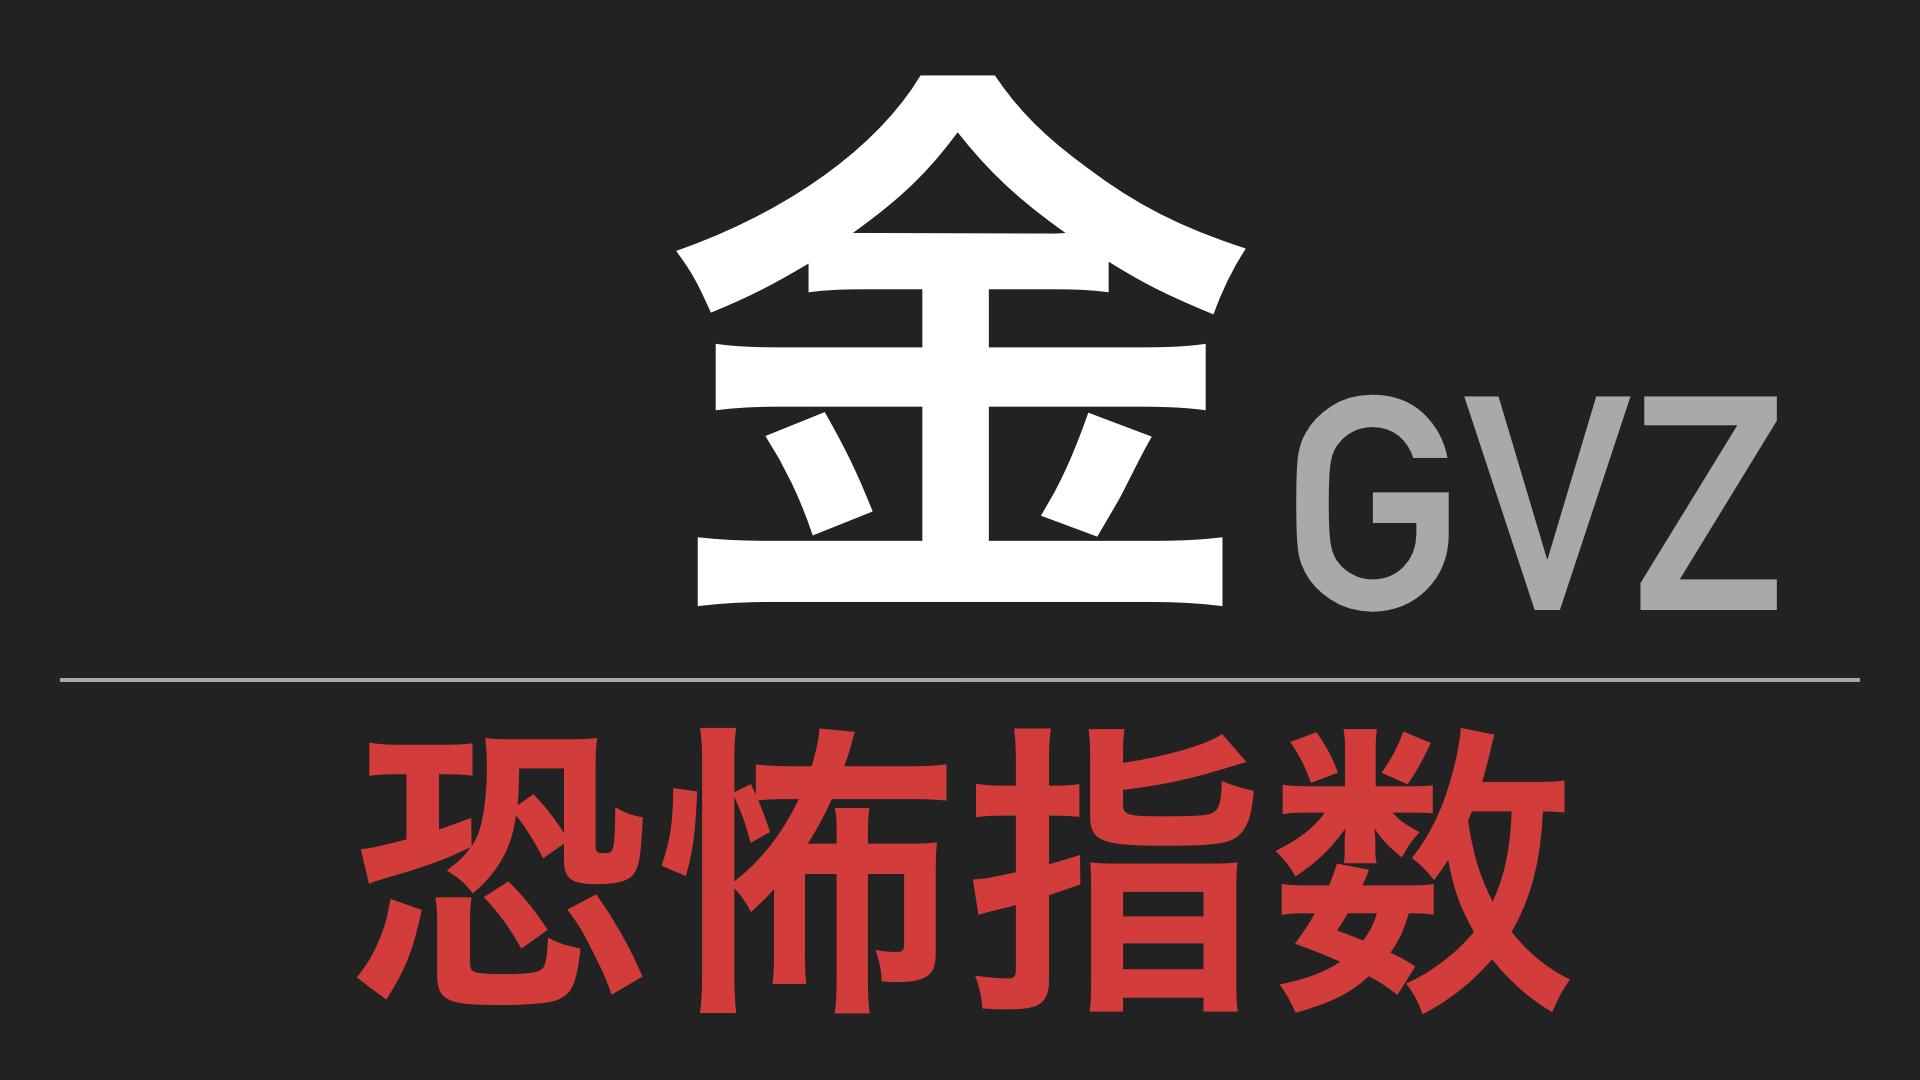 金の恐怖指数gvz